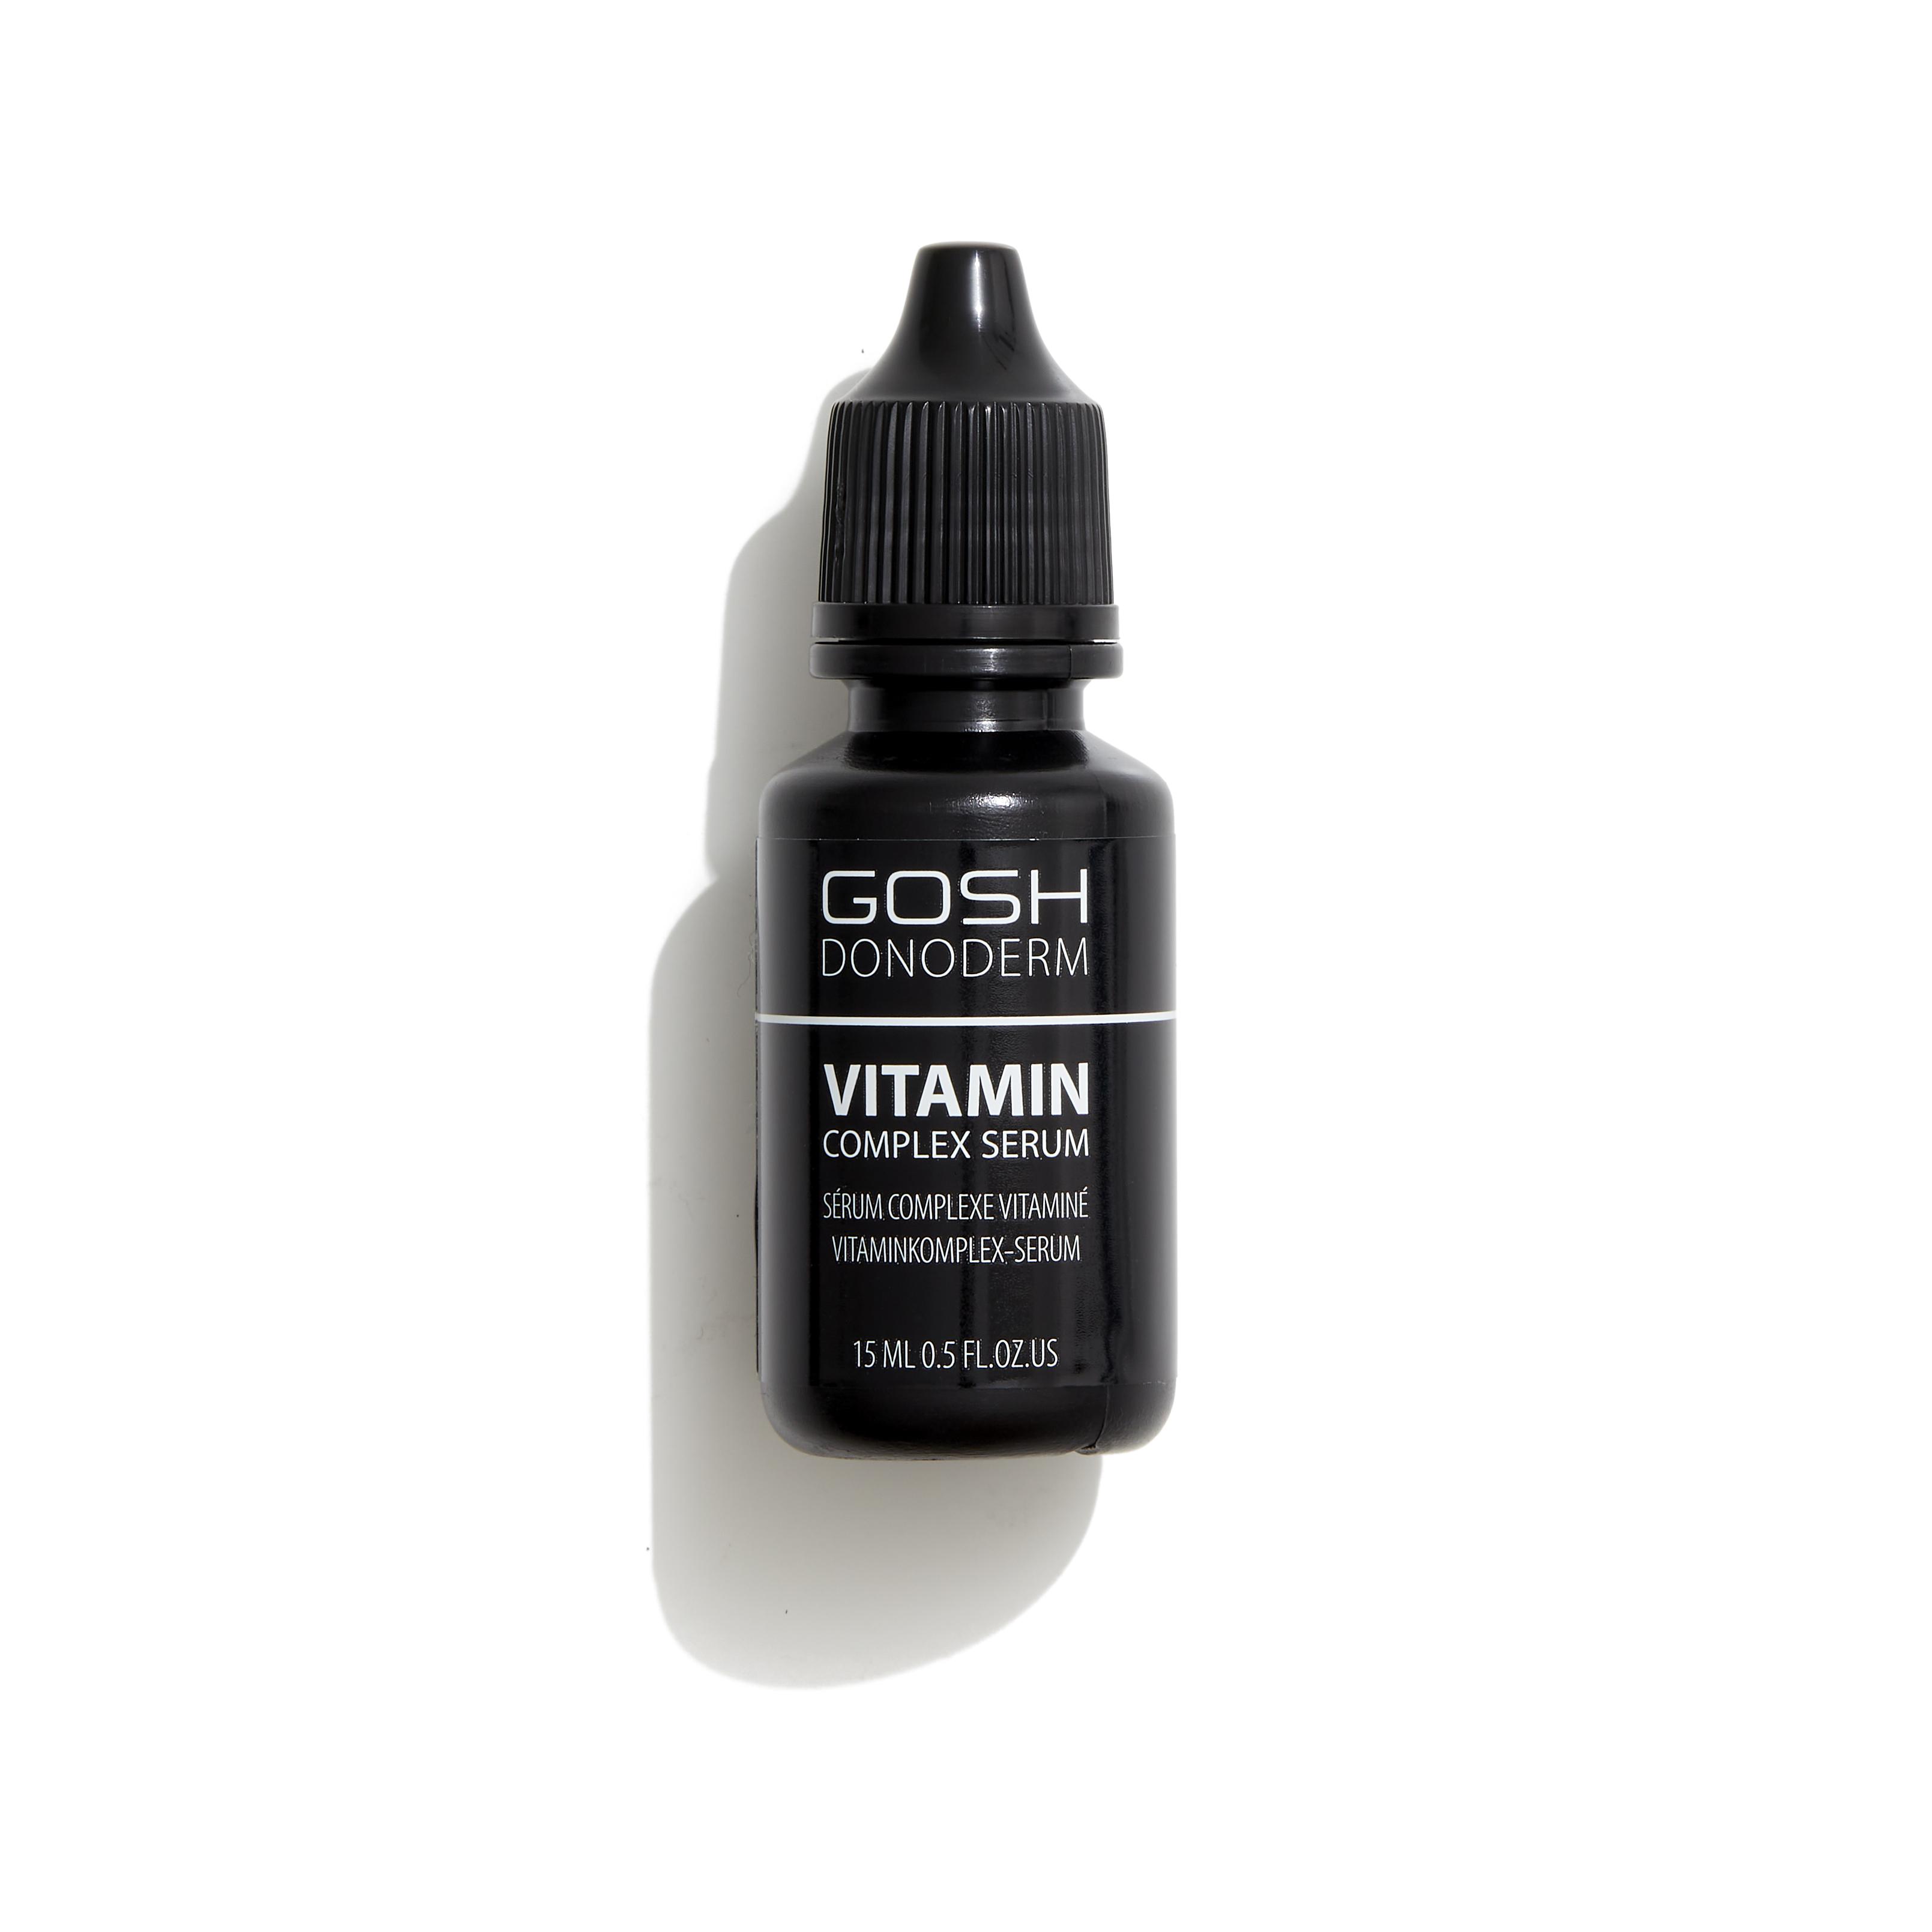 GOSH - Donoderm Vitamin Complex Serum 15 ml